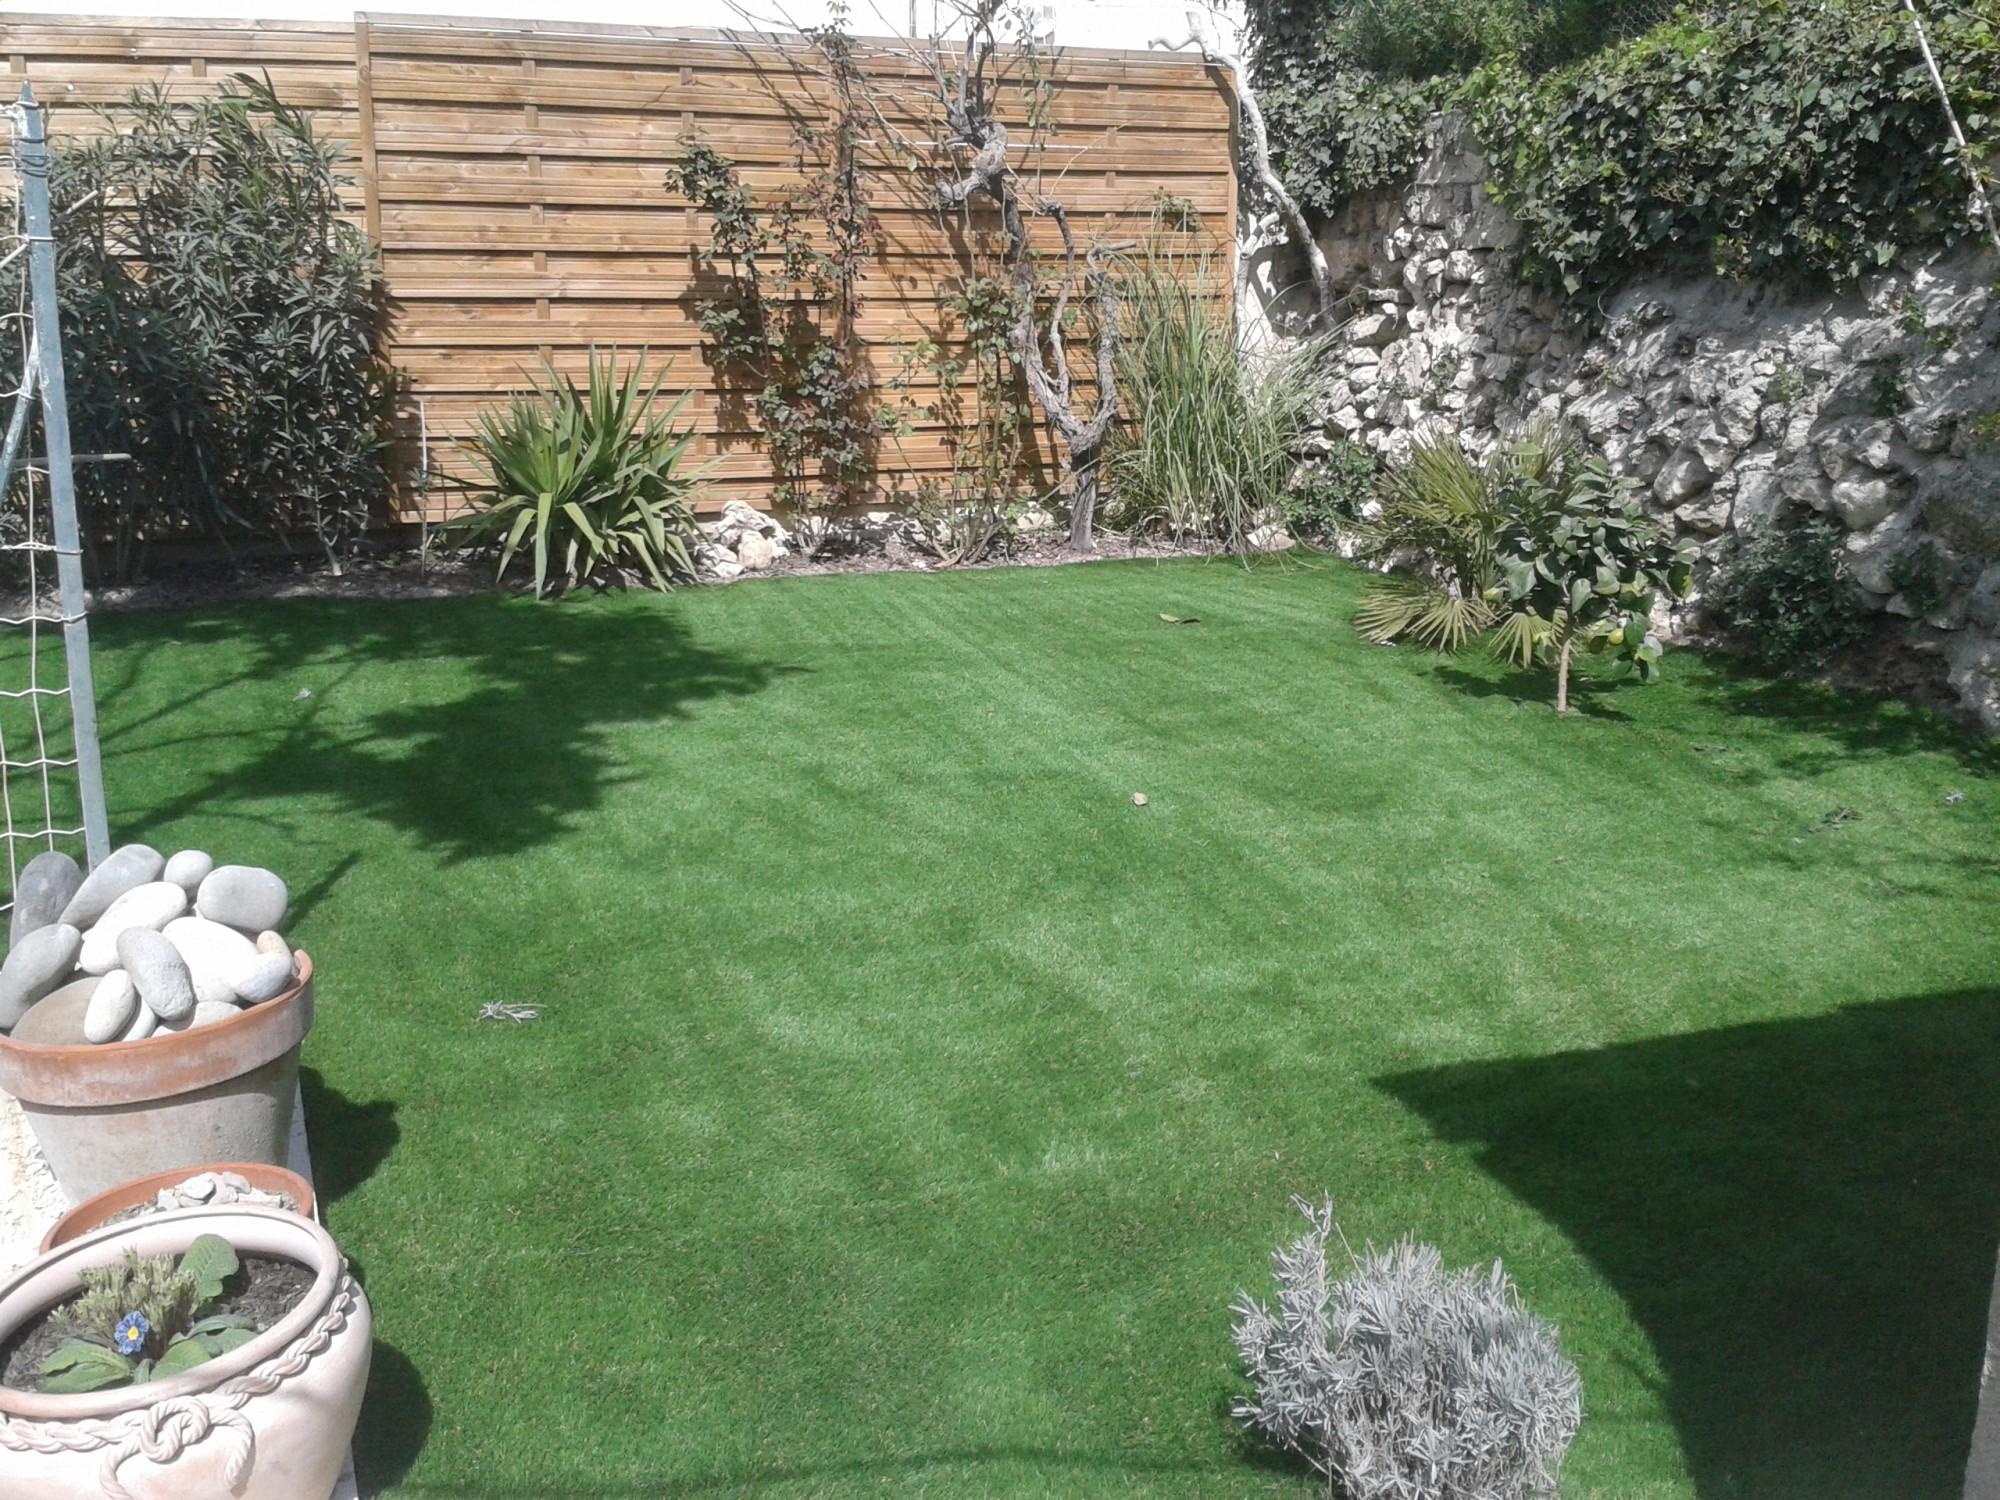 pose d 39 un gazon synth tique nice dans un jardin la pose gazon synth tique gazon et pelouse. Black Bedroom Furniture Sets. Home Design Ideas